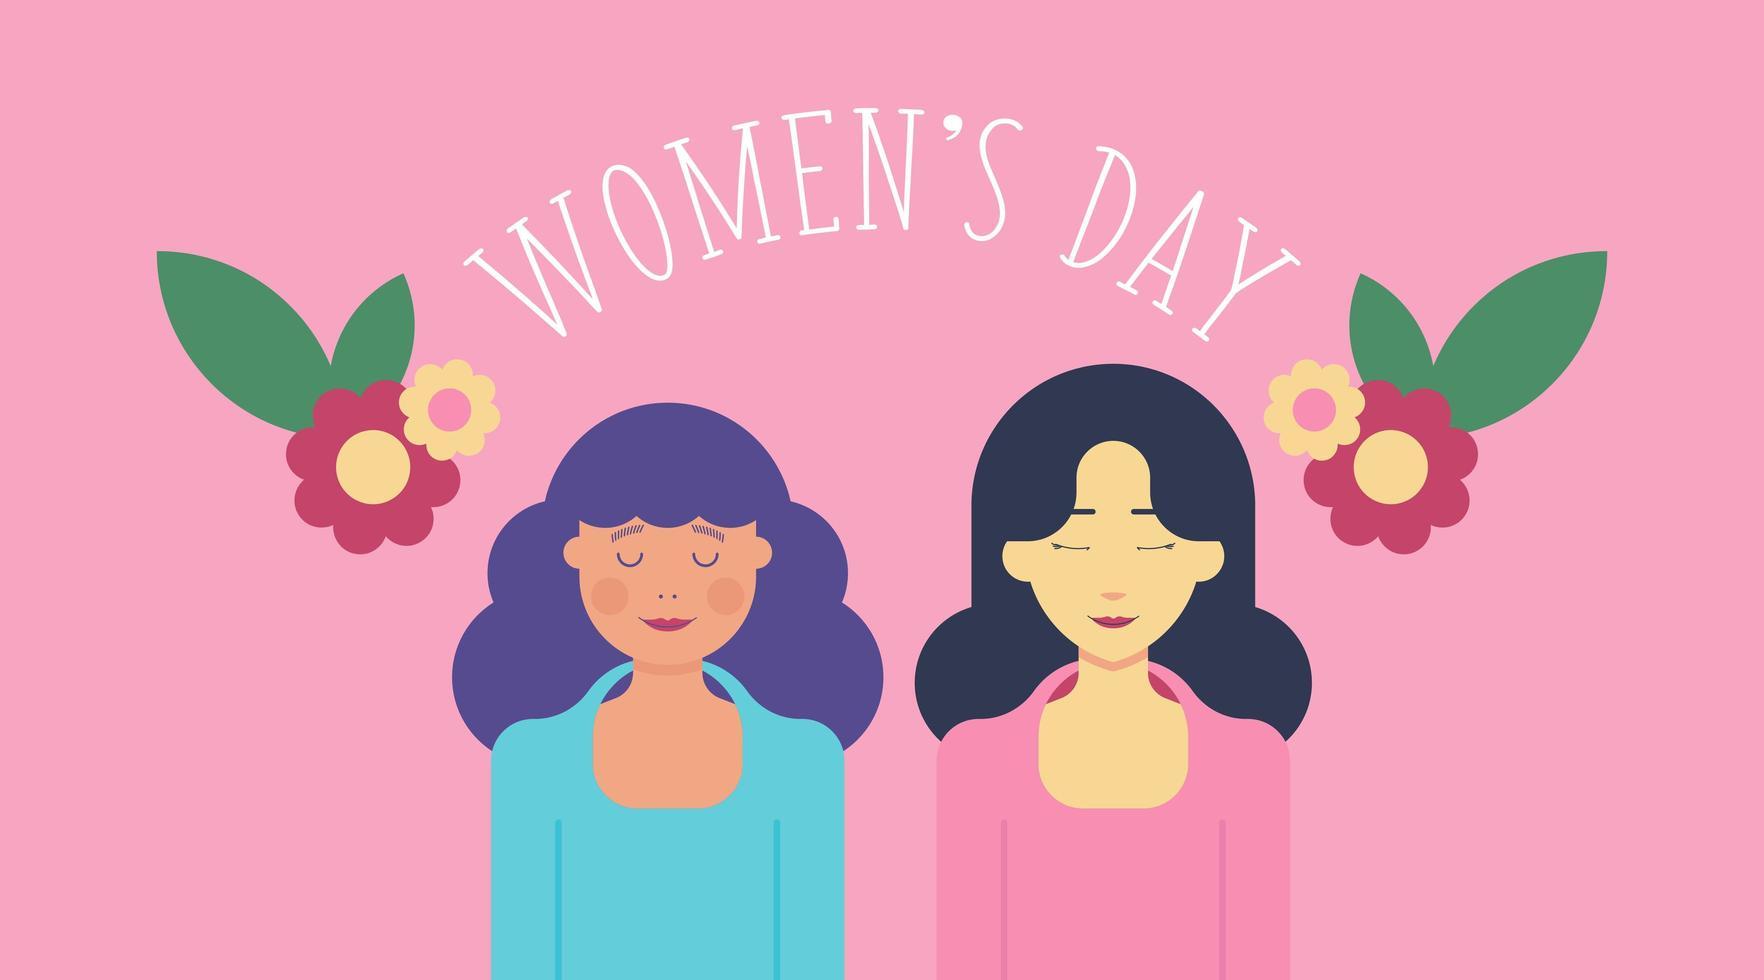 8. März Frauentag Hintergrund mit zwei Frauen vektor